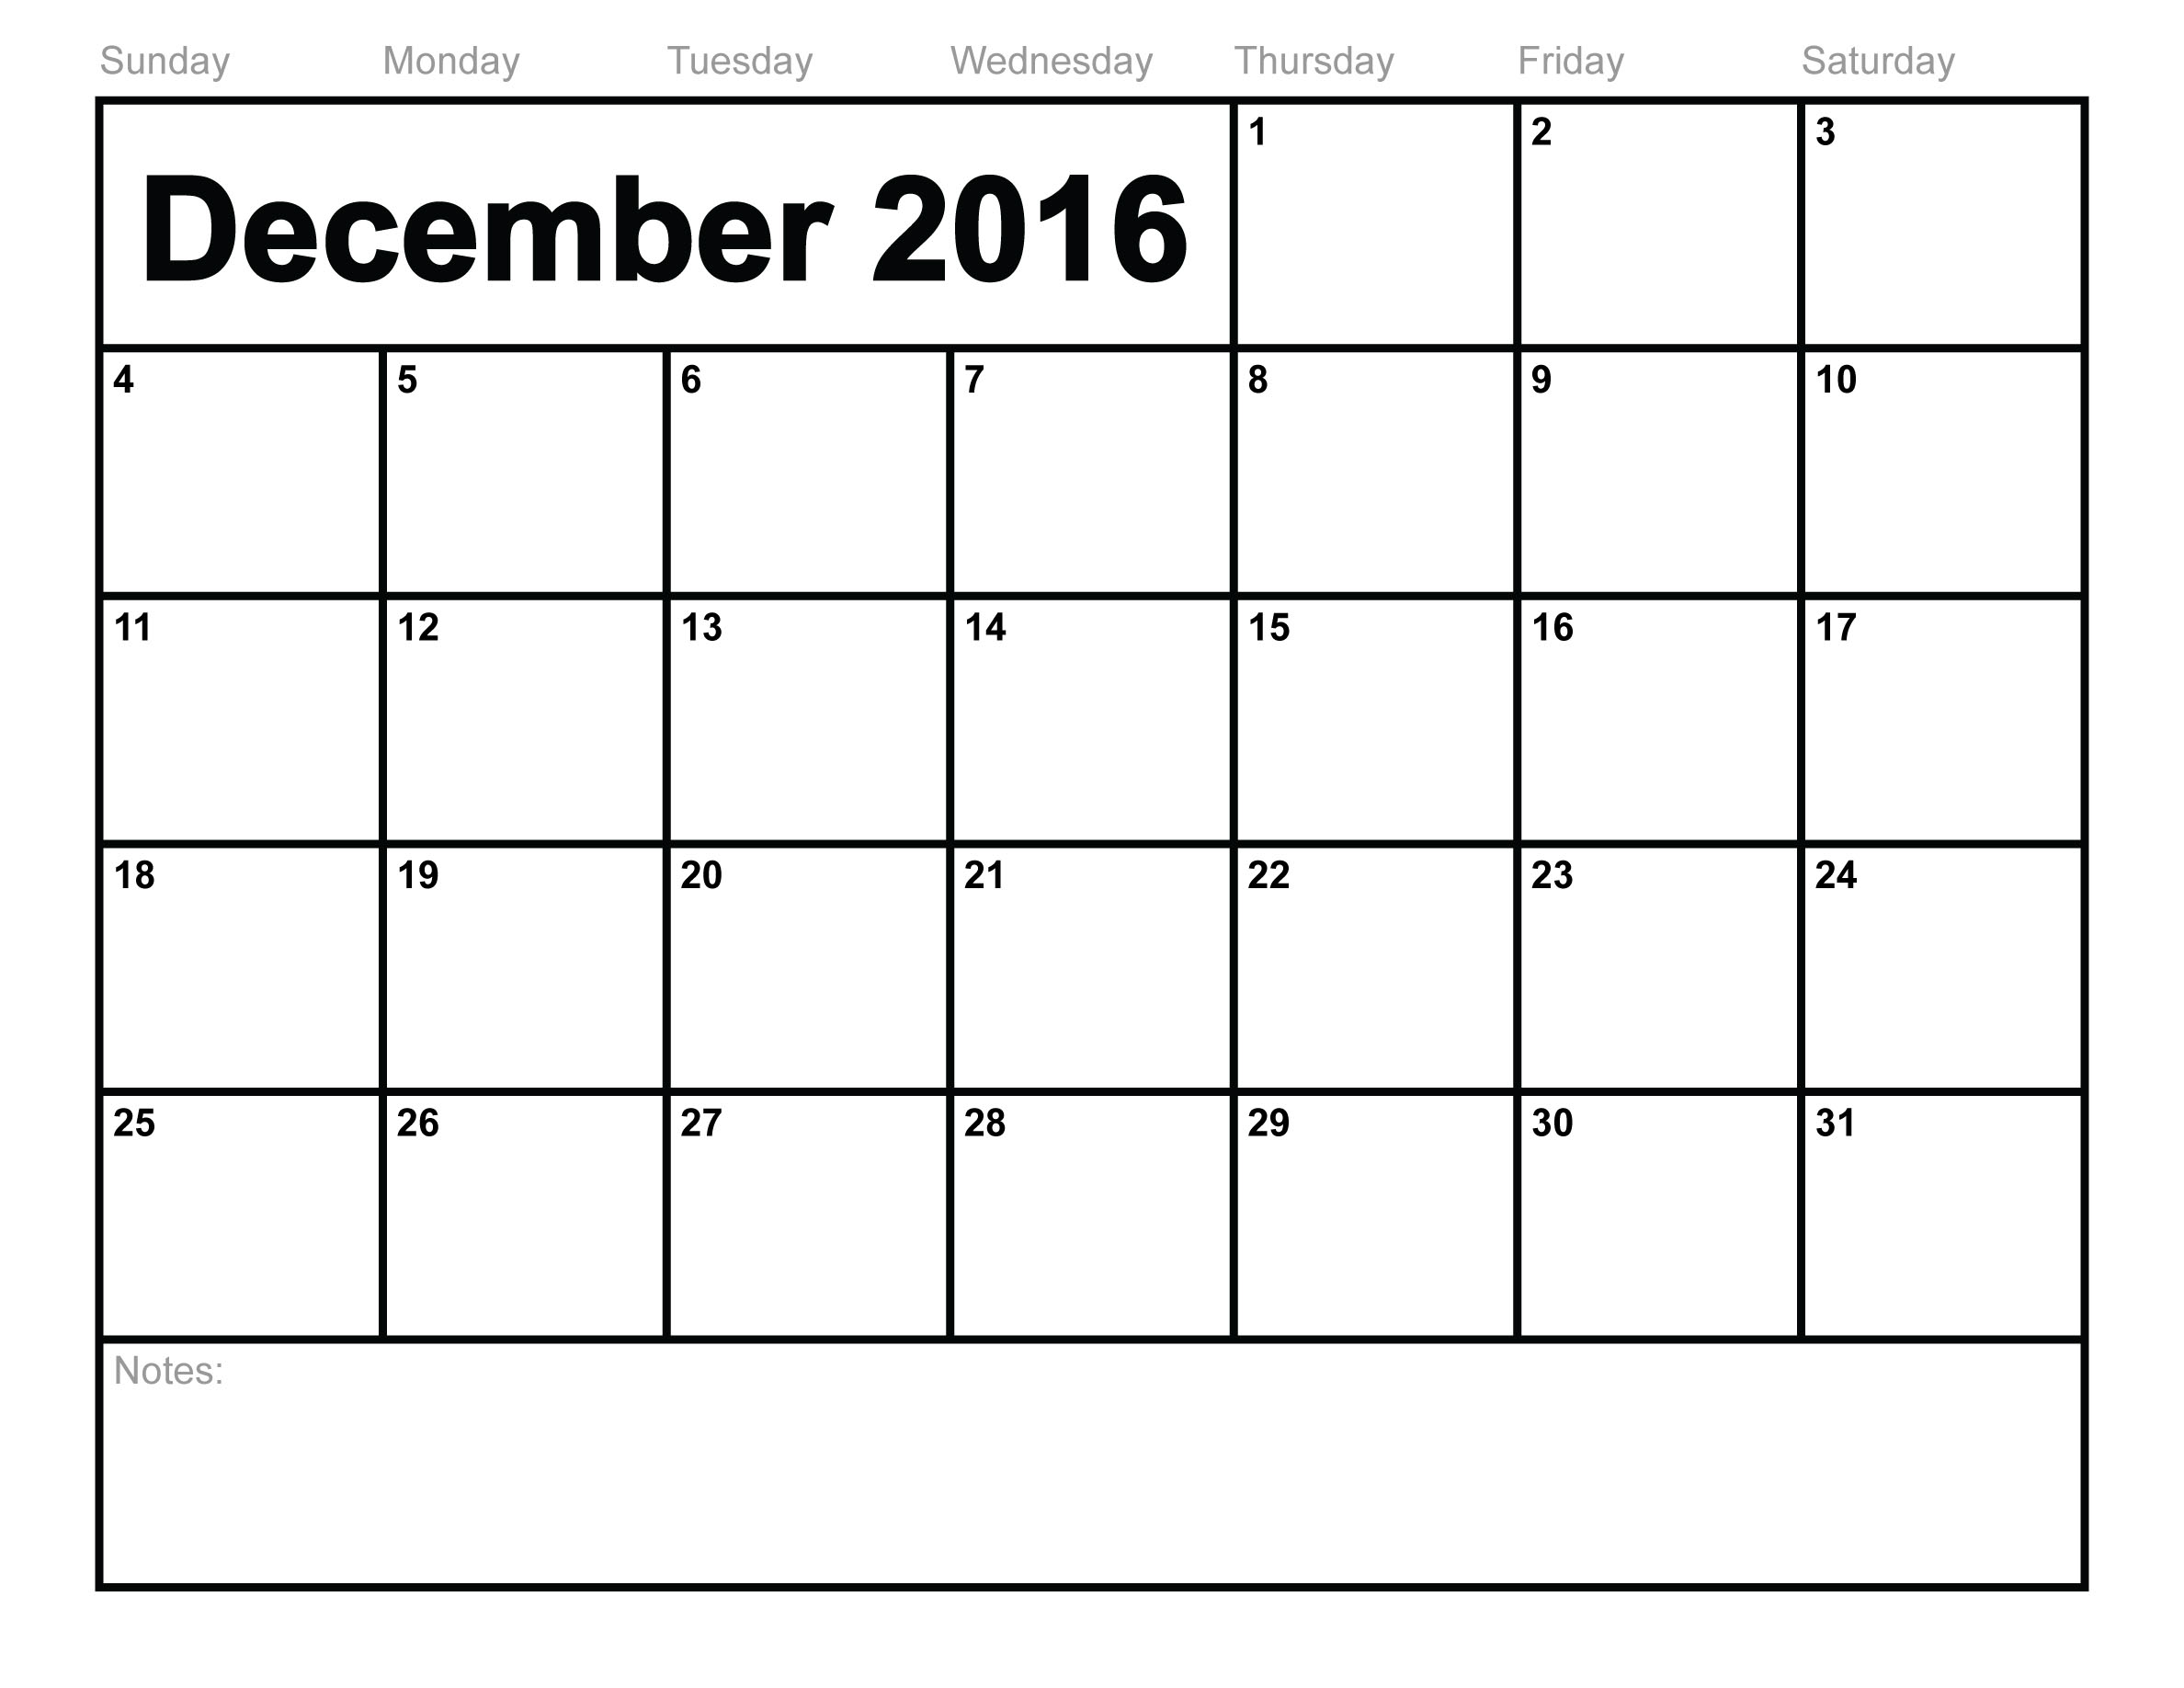 December 2016 Calendar Printable | Printable Calendar Templates